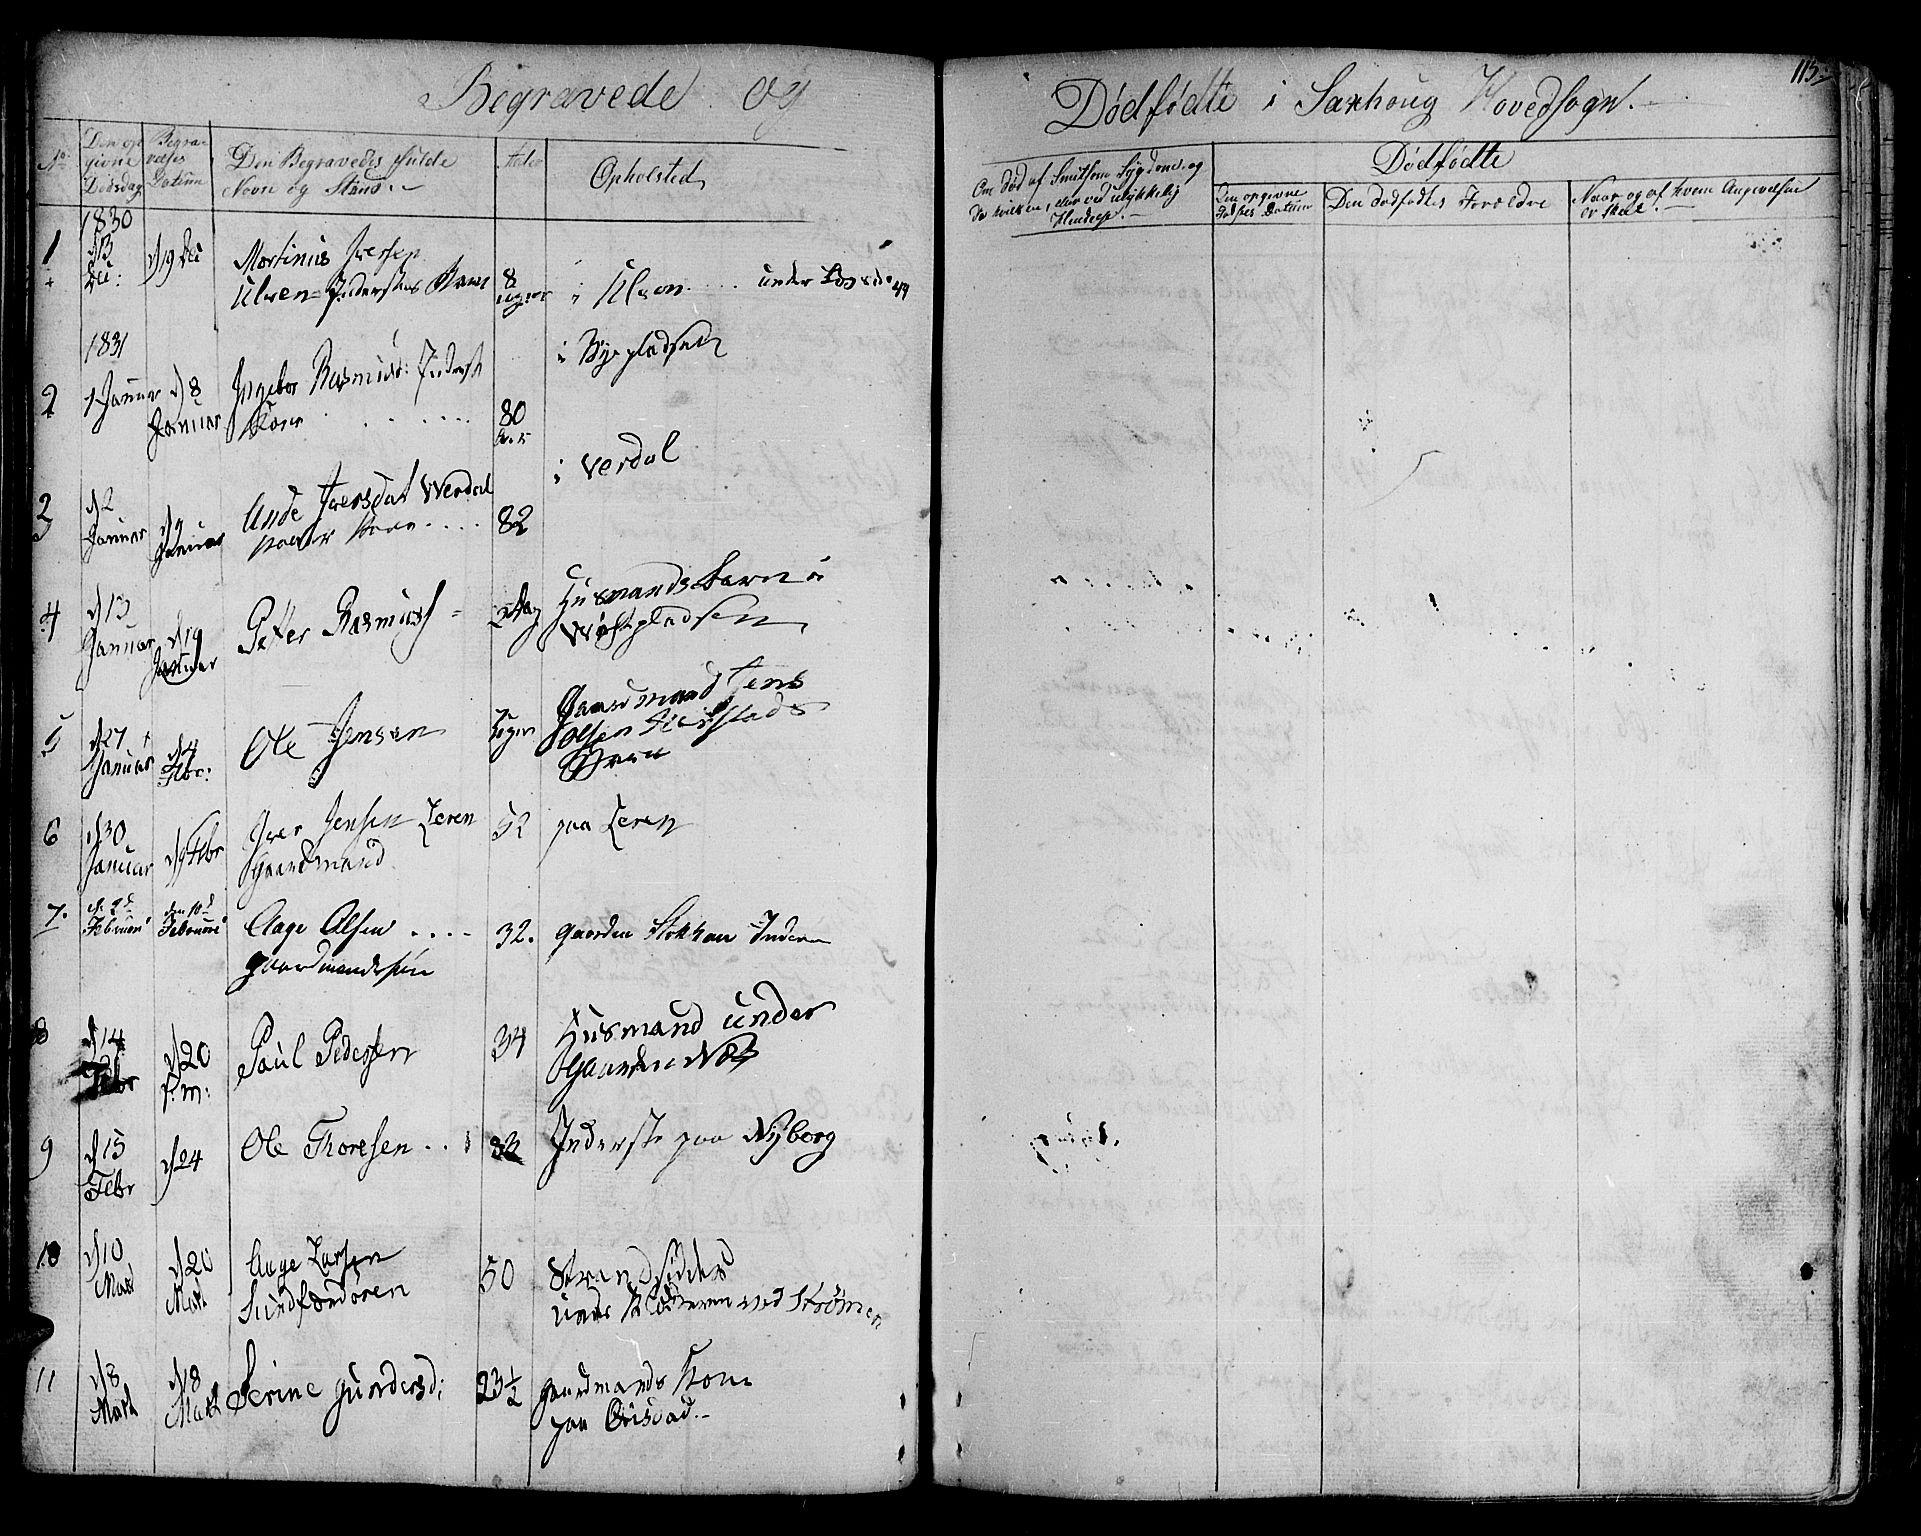 SAT, Ministerialprotokoller, klokkerbøker og fødselsregistre - Nord-Trøndelag, 730/L0277: Ministerialbok nr. 730A06 /1, 1830-1839, s. 115